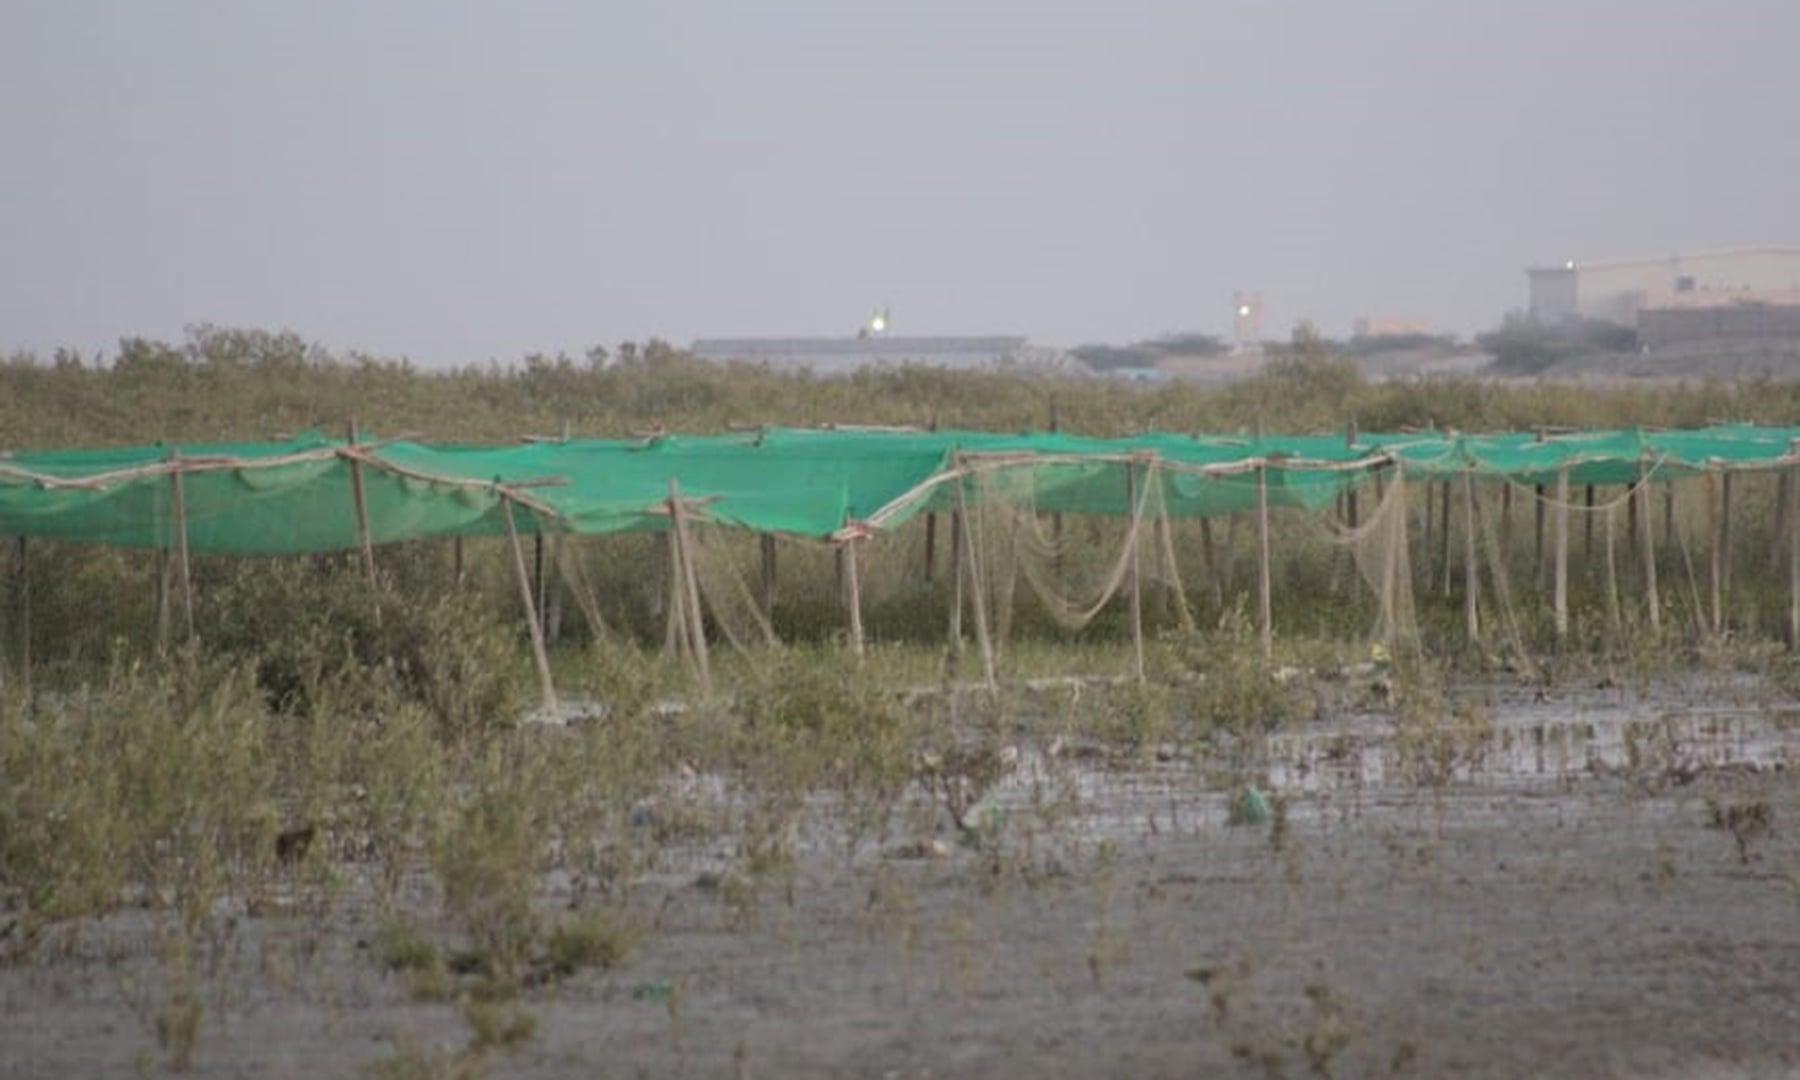 بلوچستان کے ساحلی علاقوں میانی ہور میں 3431.36، کلمت ہور 194ہیکٹر اور گوادر میں 433 ہیکٹر رقبے پر تمر کے جنگلات موجود ہیں